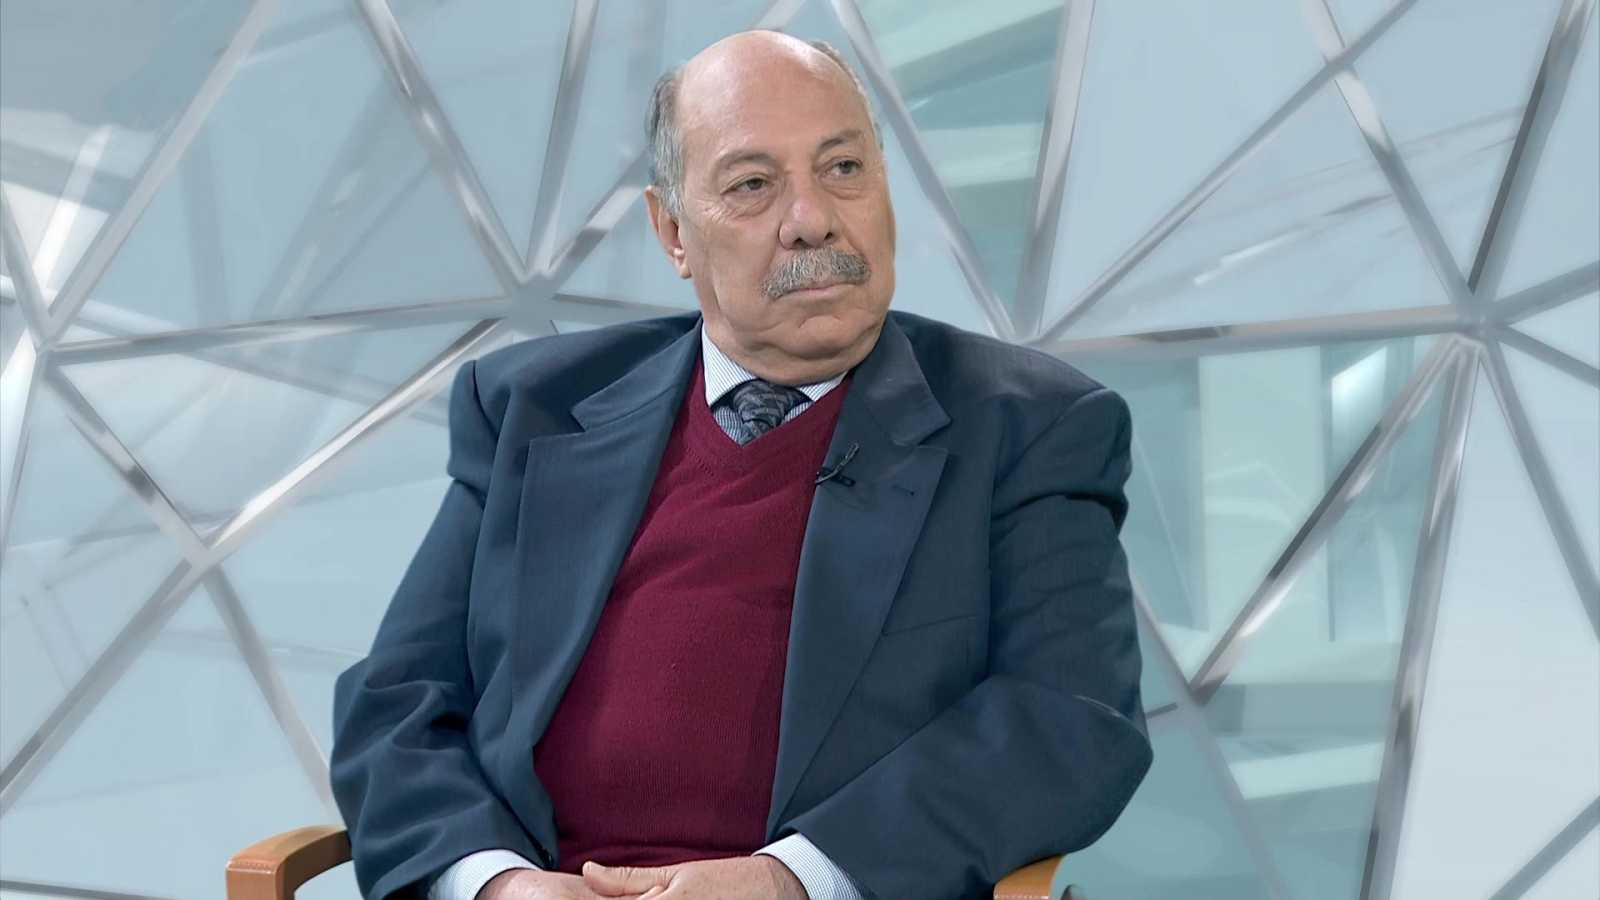 Medina en TVE - Nueva herramienta de comunicación - ver ahora